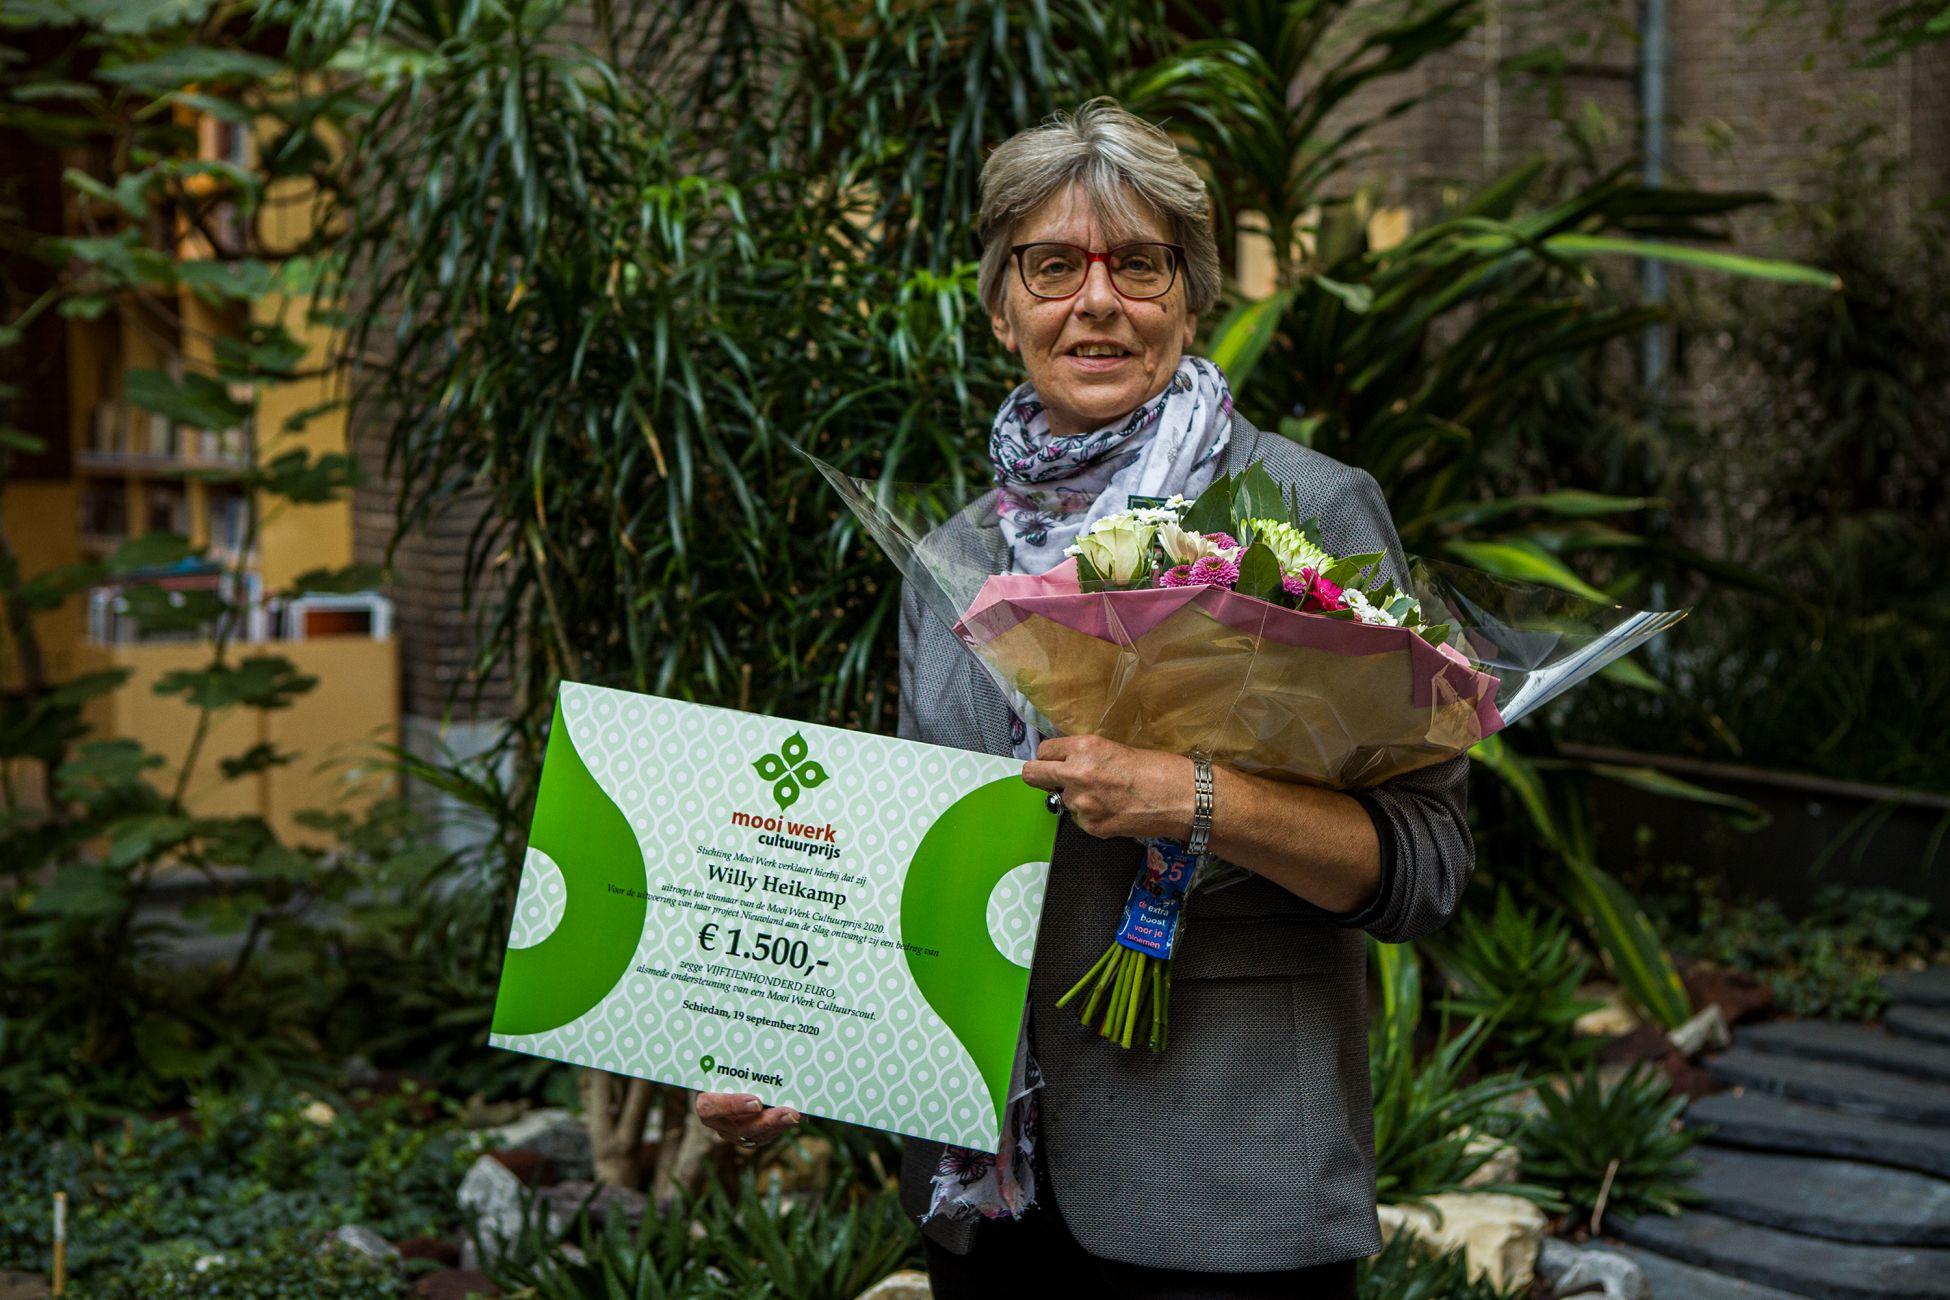 Mooi Werk Cultuurprijs naar Willy Heikamp